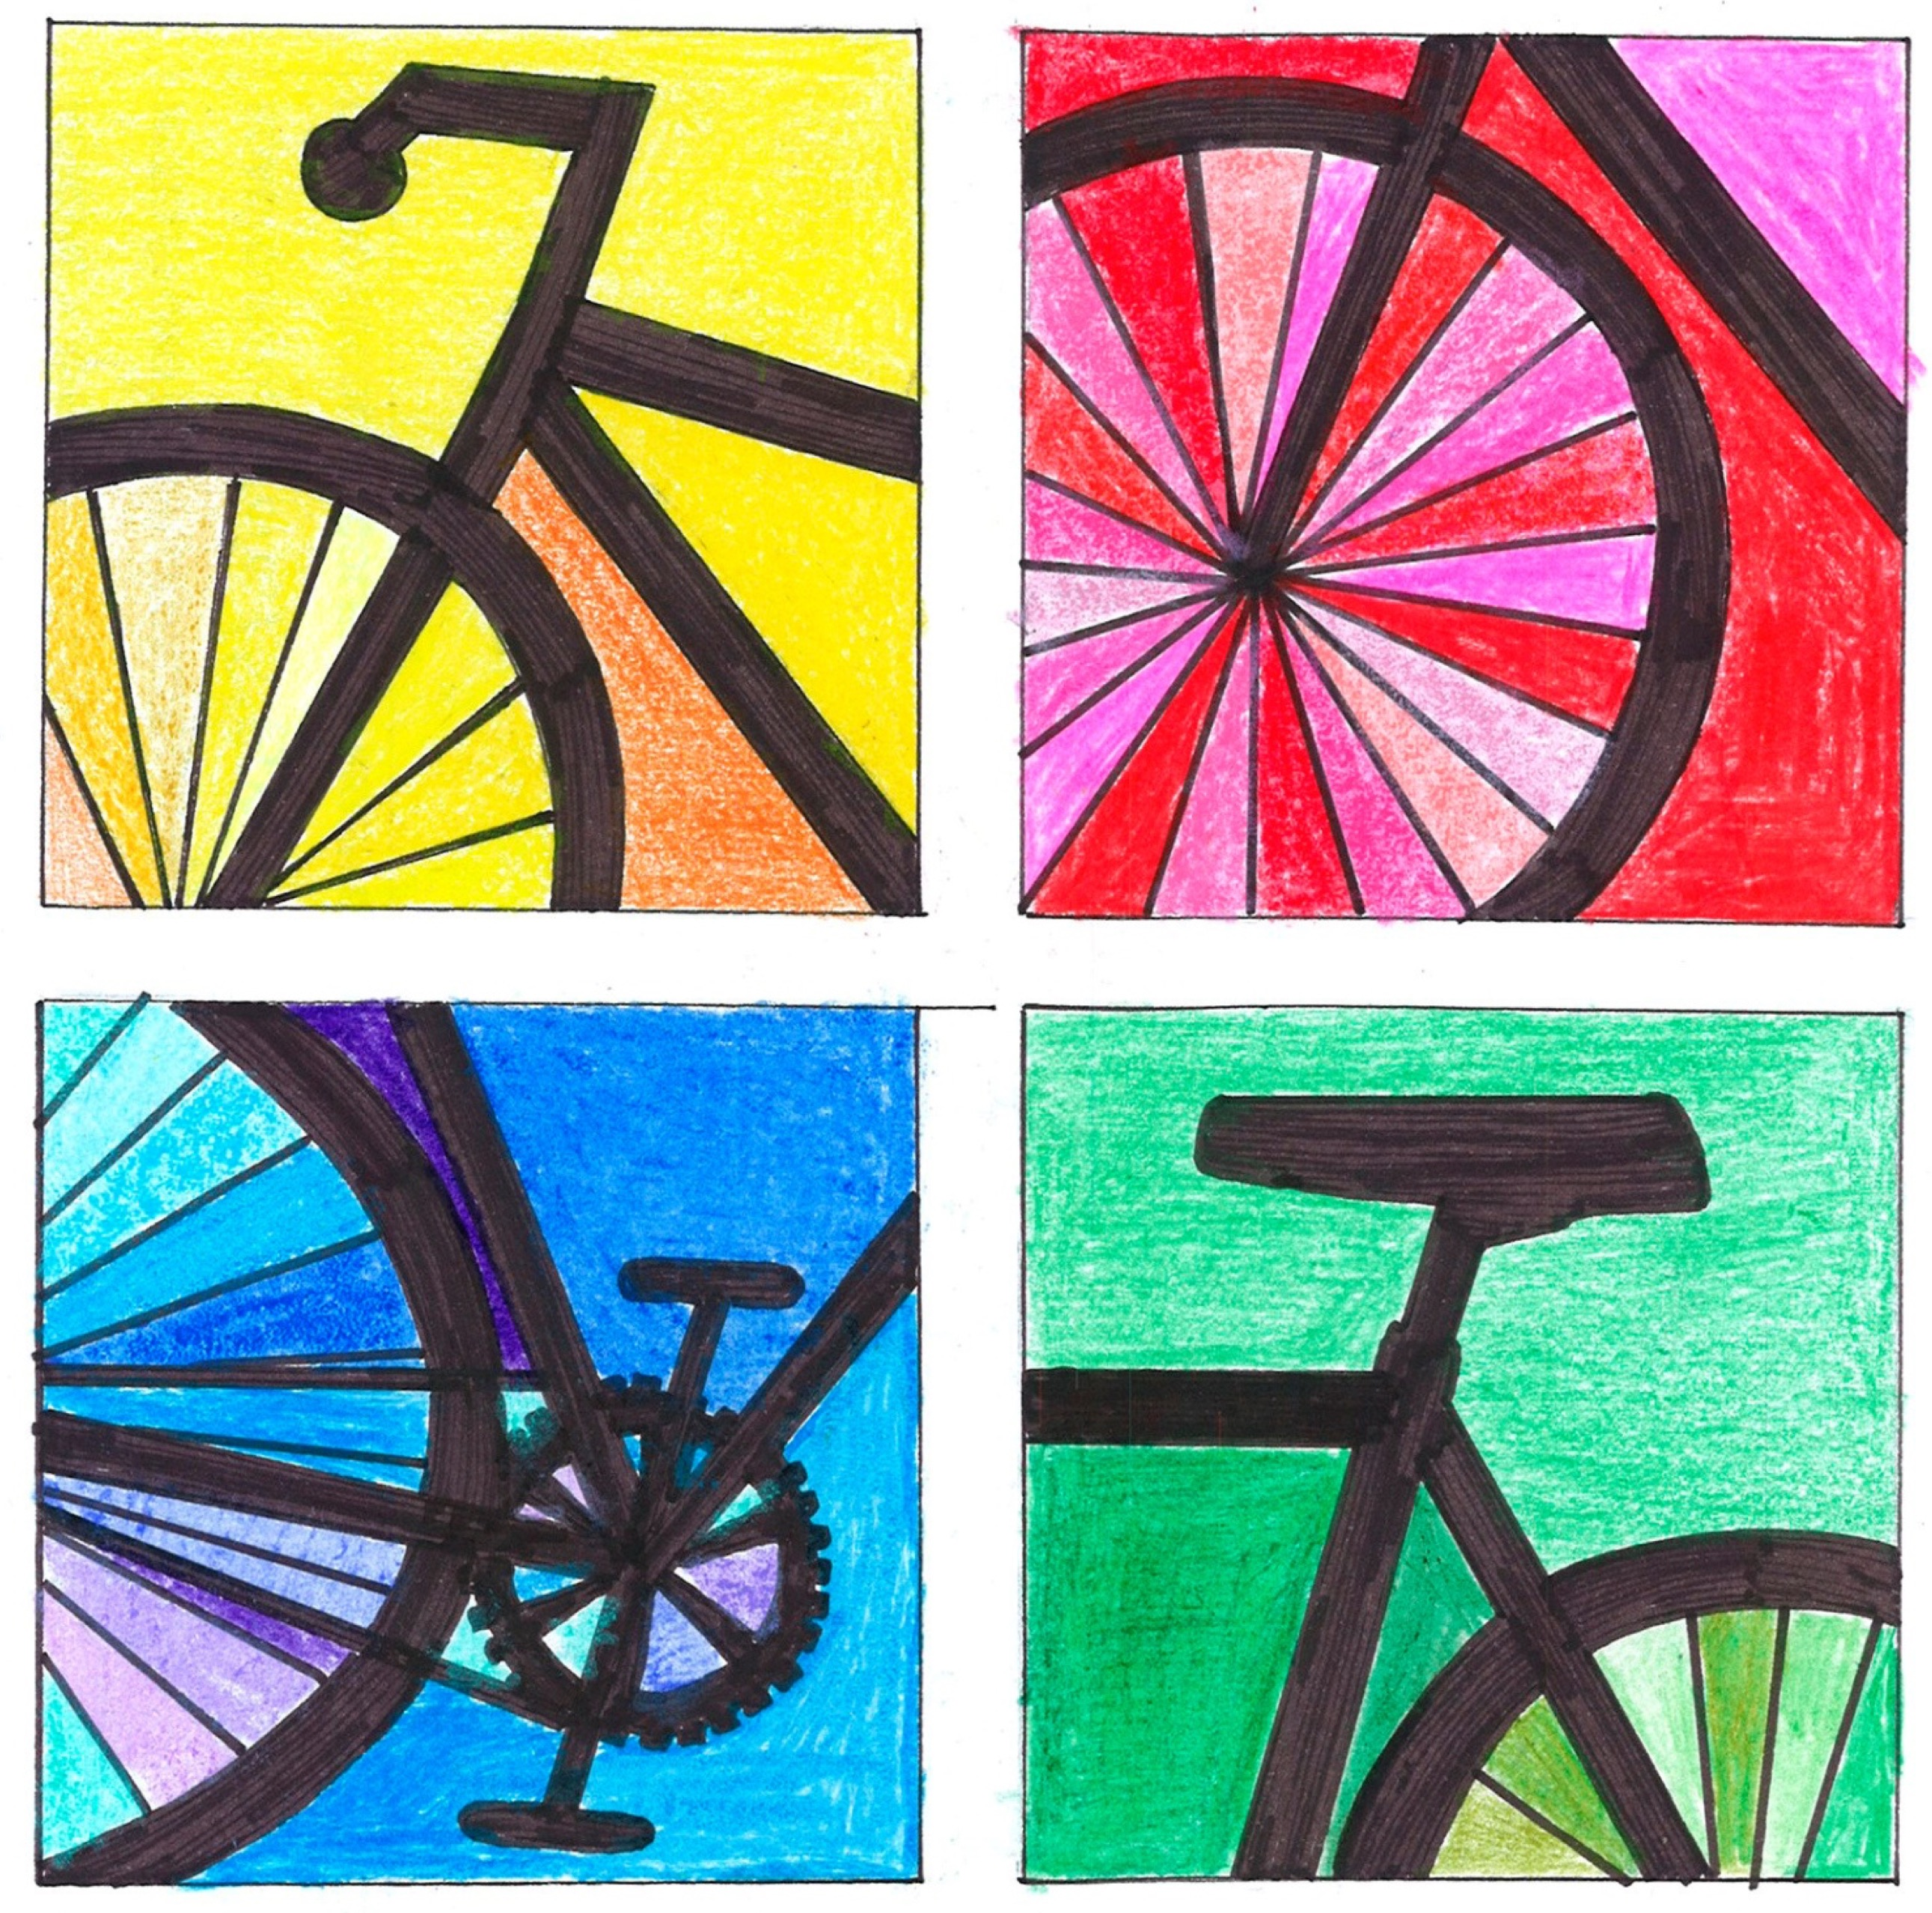 mosaico de cuatro imágenes con distintas partes de la bici desordenadas